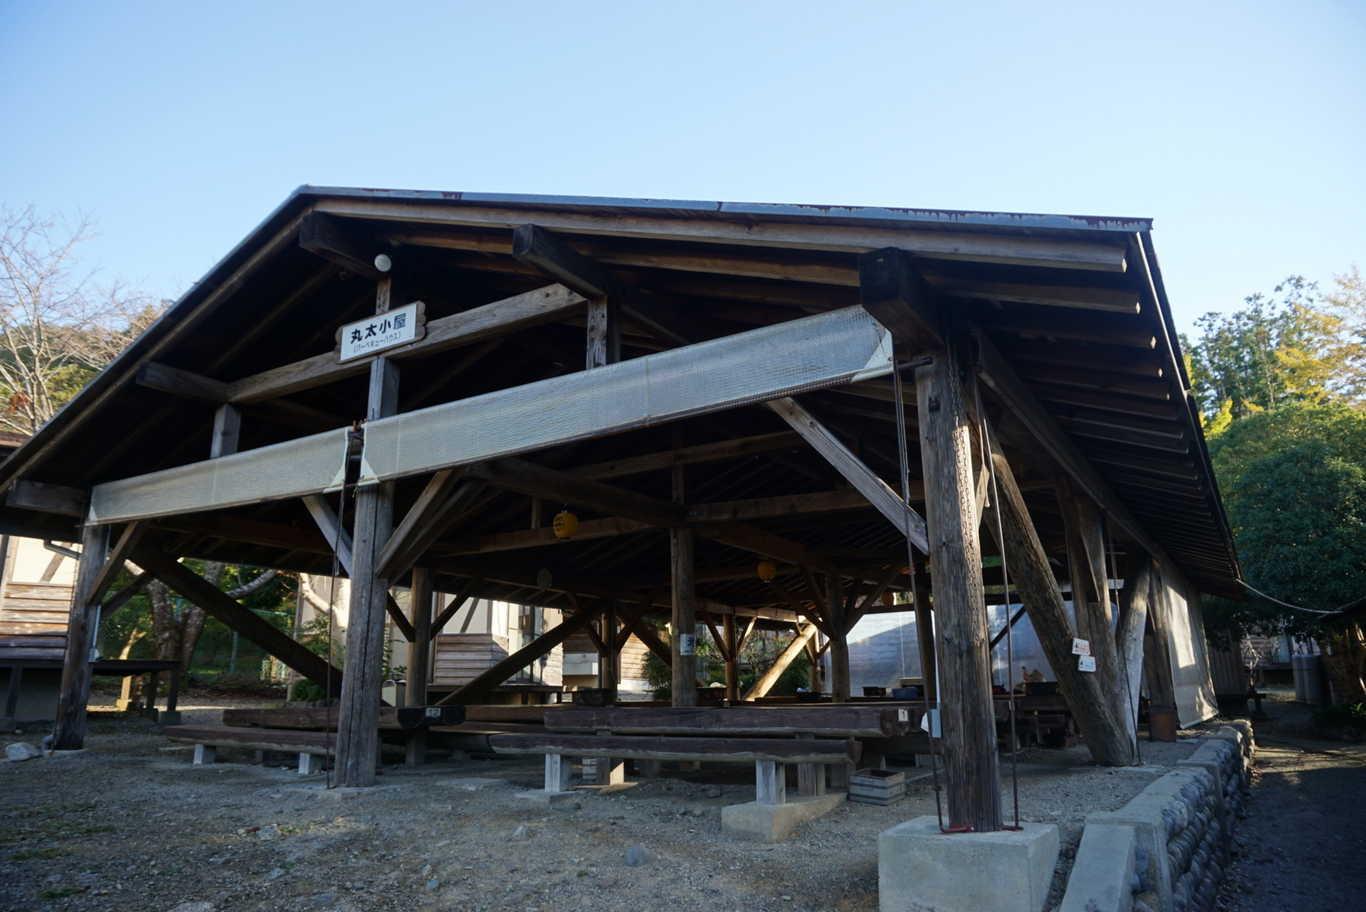 五桂池ふるさと村 の写真p